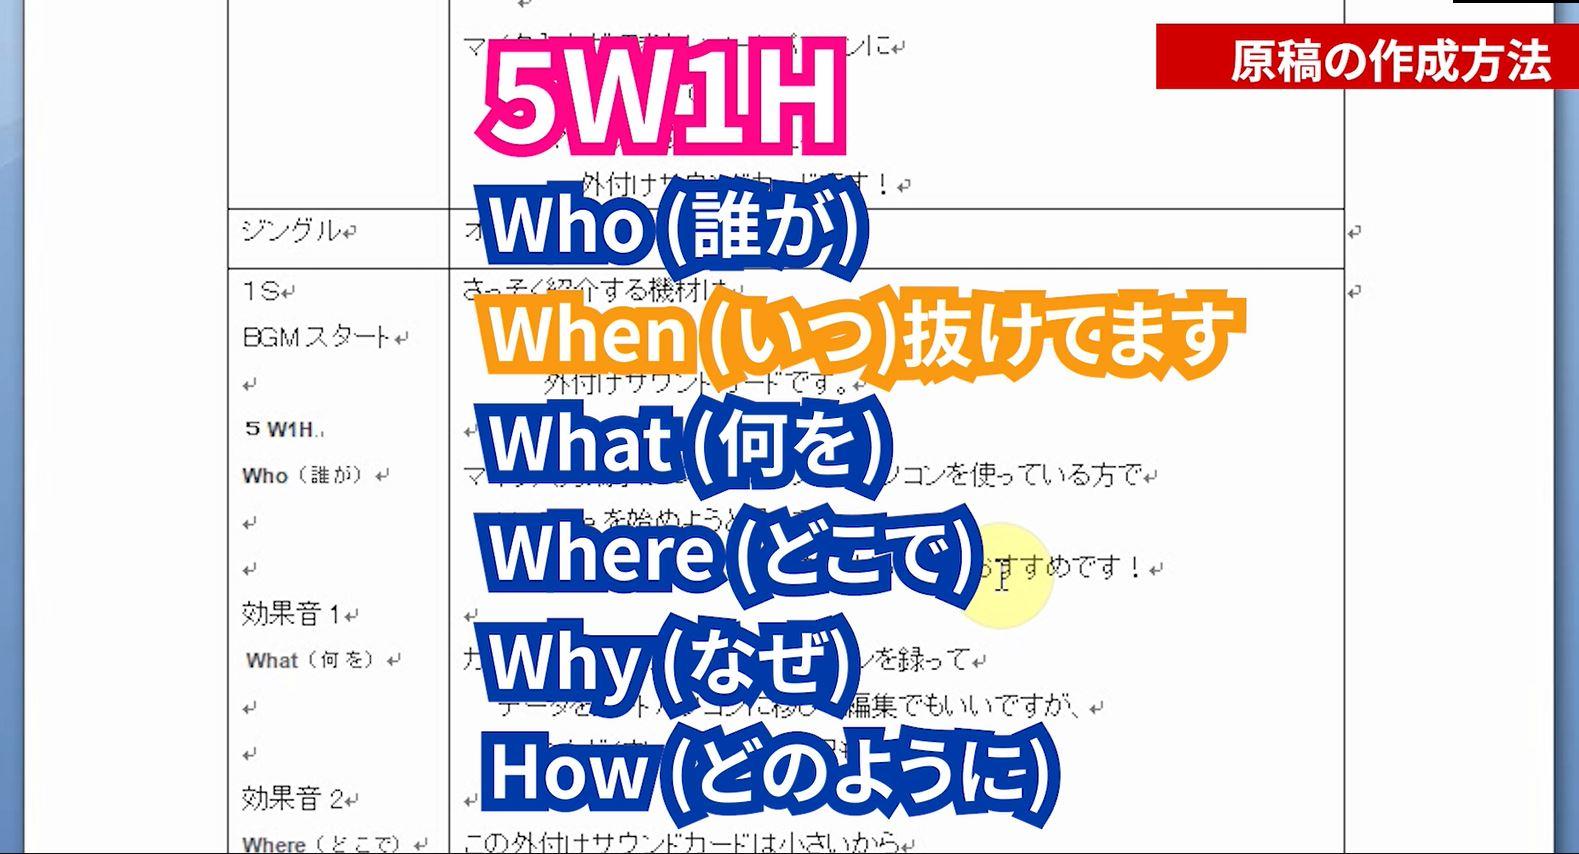 原稿の構成5W1H